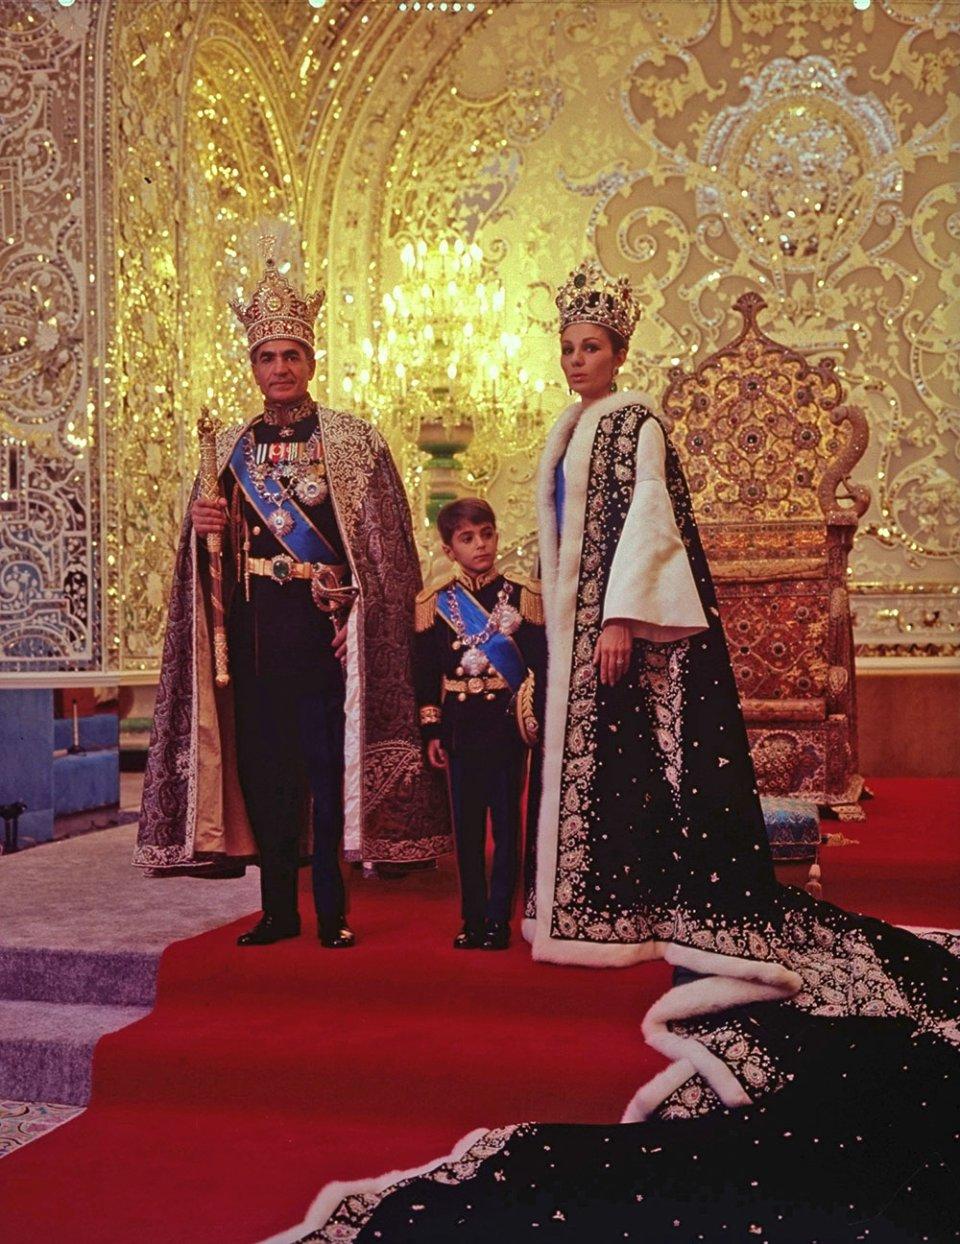 Мохаммед Реза Пахлаві, його дружина Фарах та їхній старший син / GettyImages